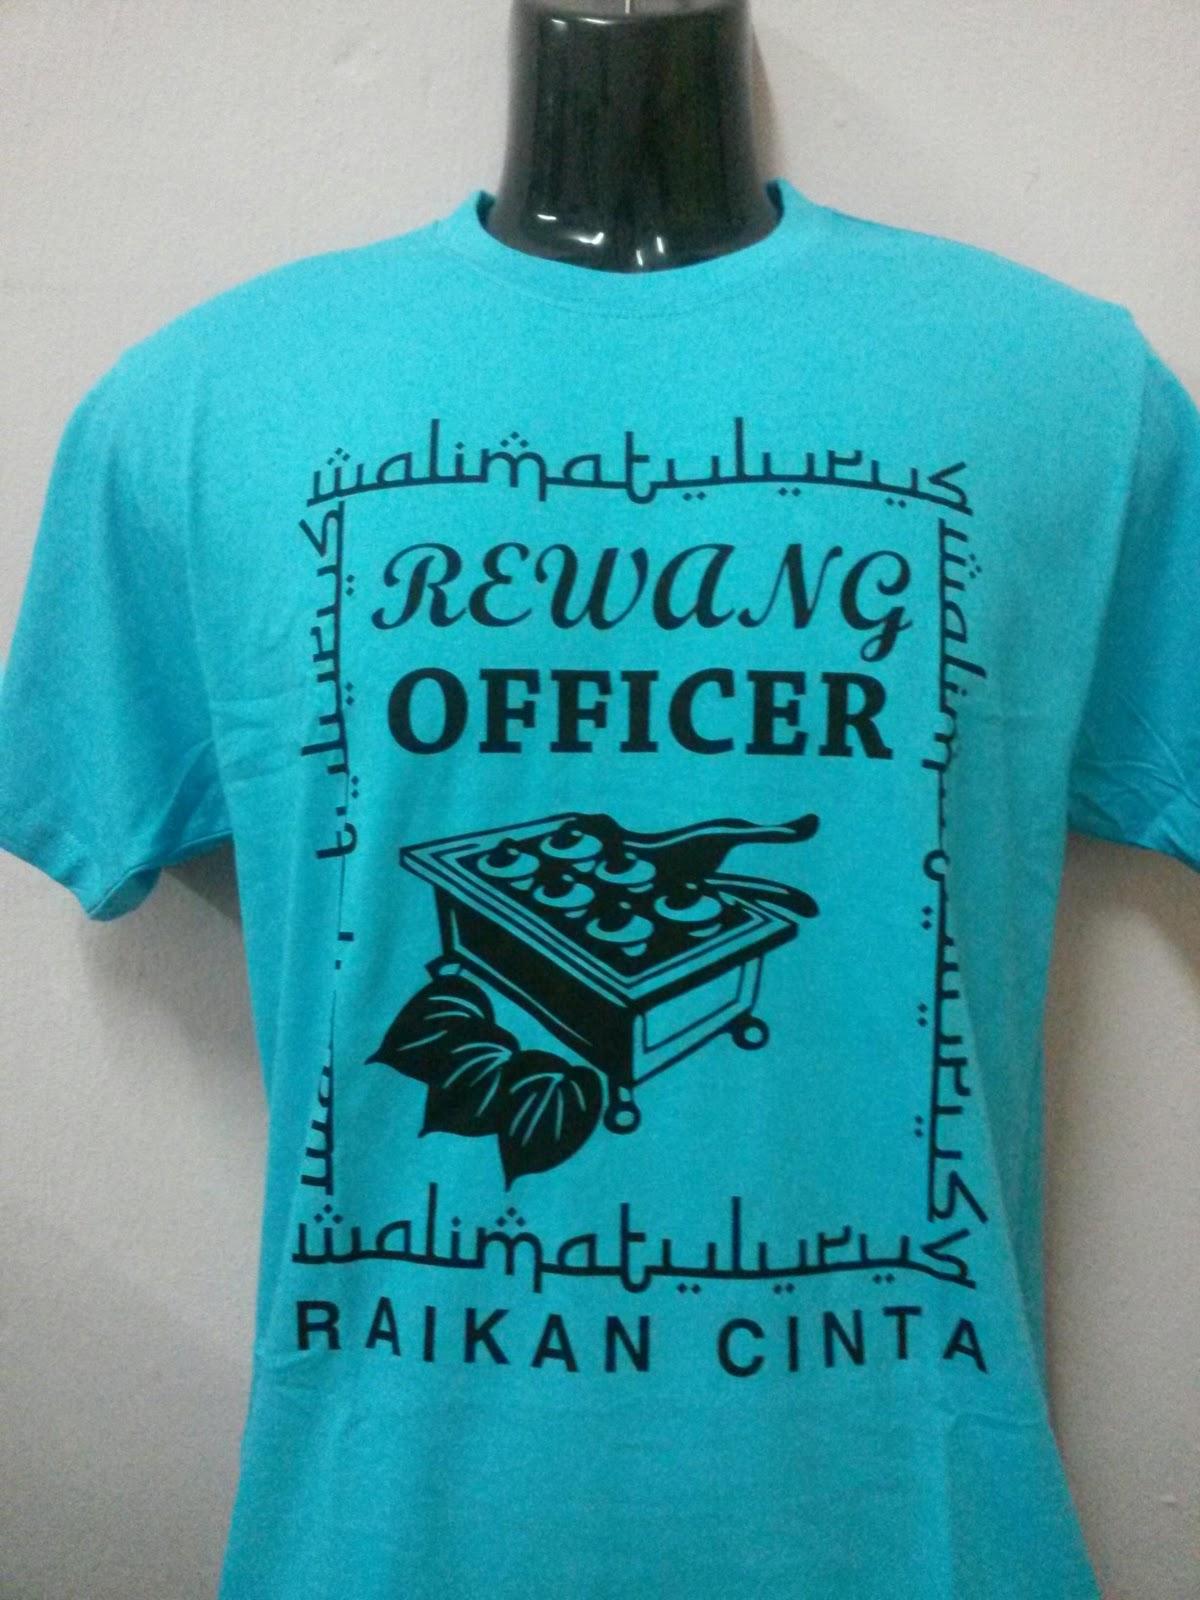 Design t shirt rewang - Design Sendiri Di Terima Your Design We Do Untuk Tempahan Tshirt Printing Hubungi Kami 0132850982 Call Whatsapp